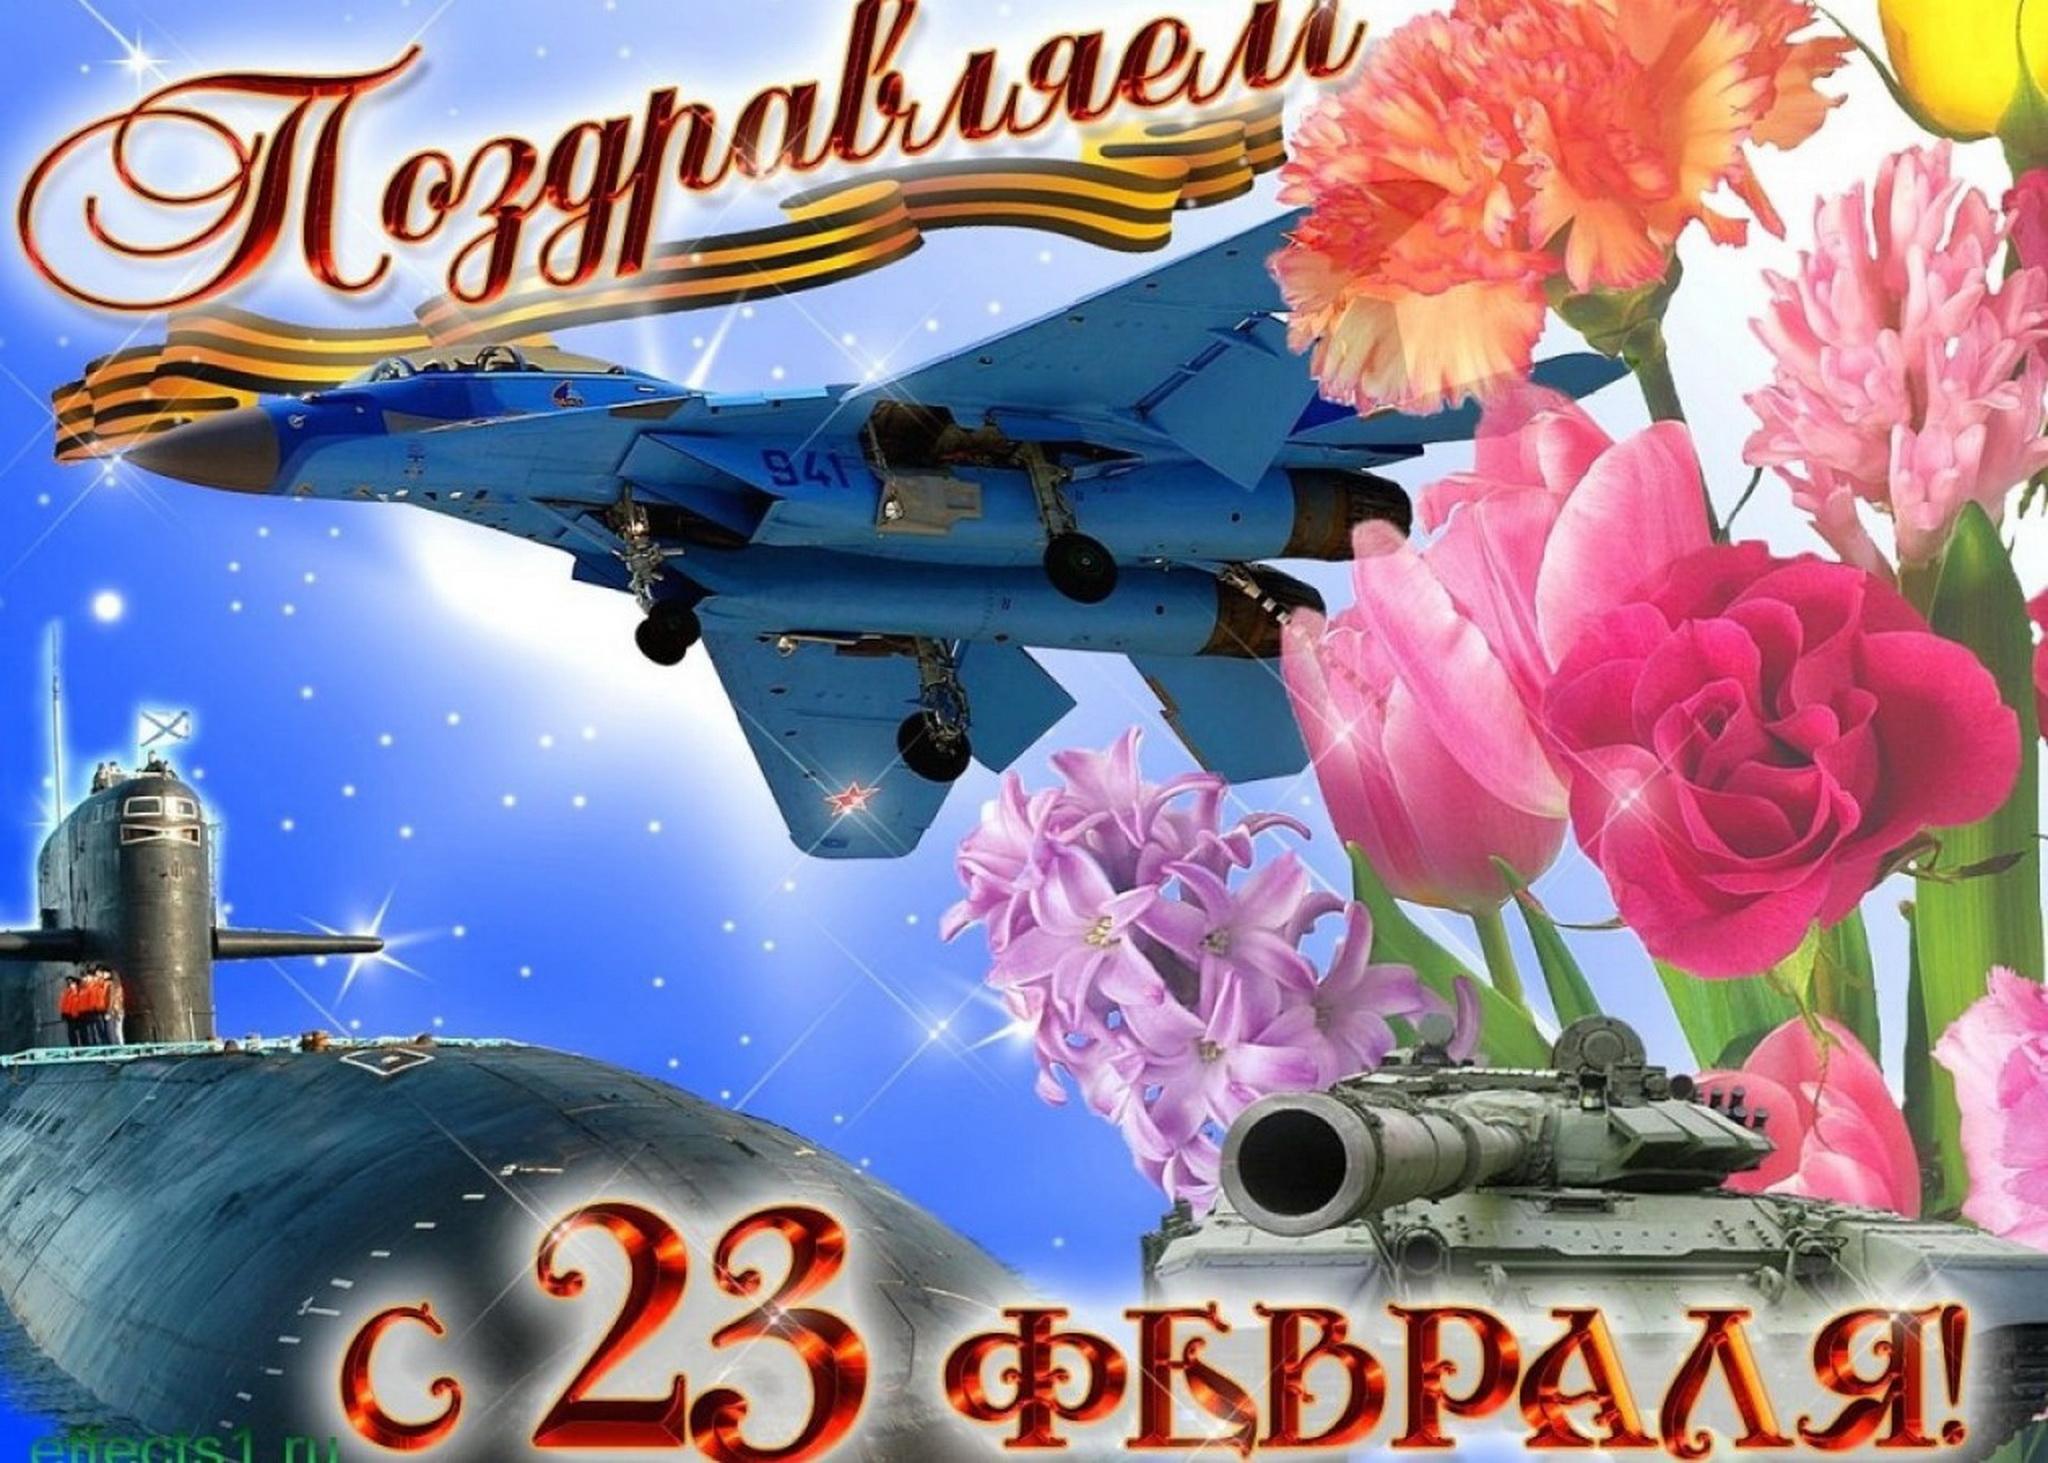 Красивые открытки с 23 февраля